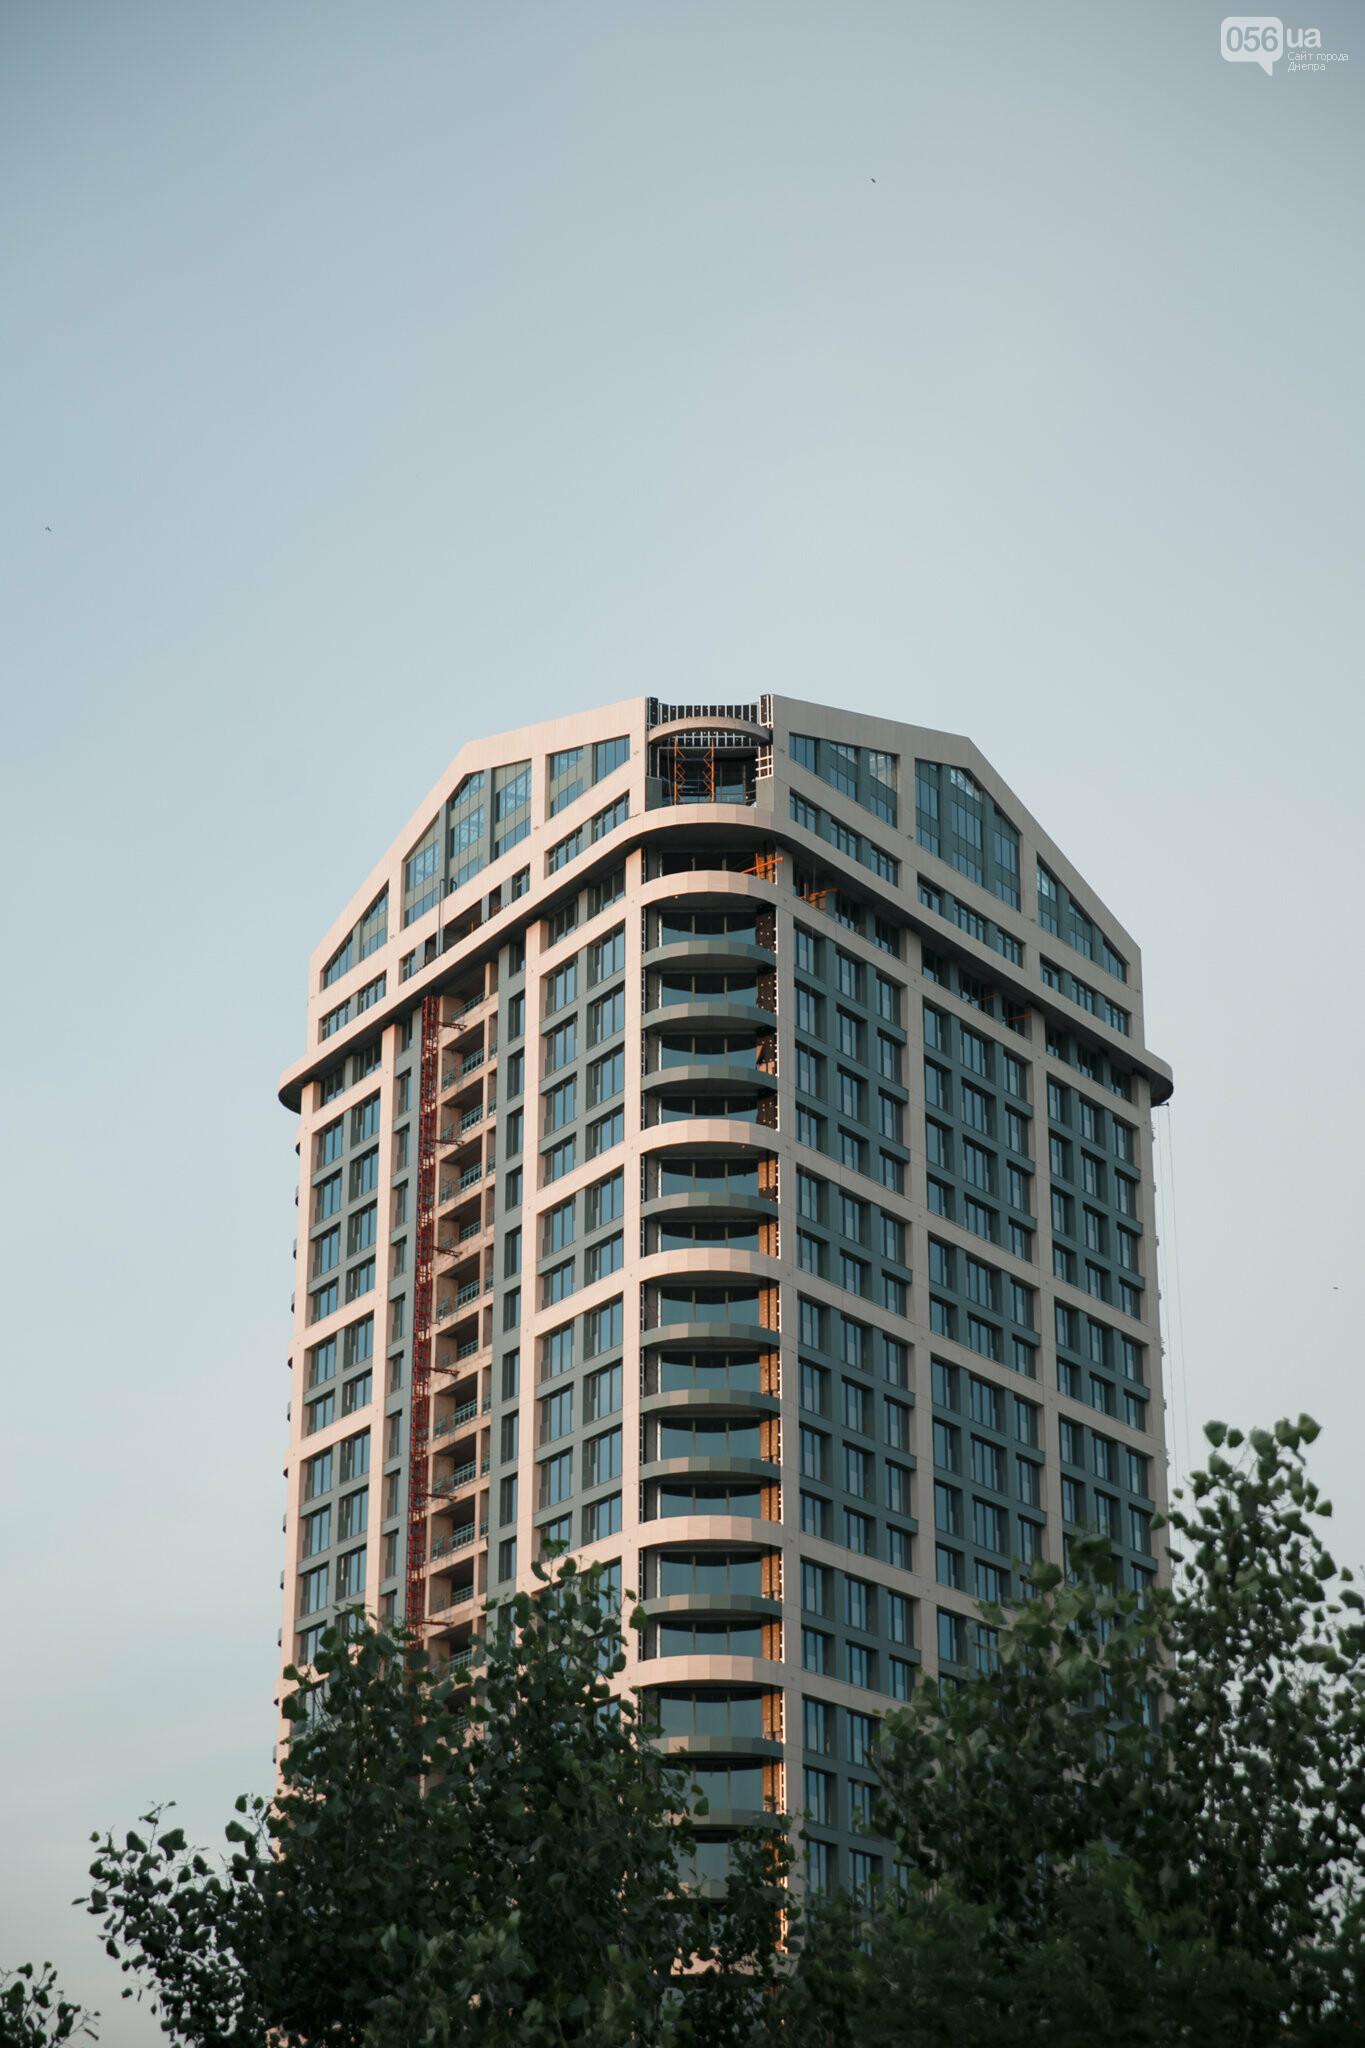 В Украине растет спрос на приобретение недвижимости в новостройках: почему покупатели не хотят брать «вторичку», фото-17